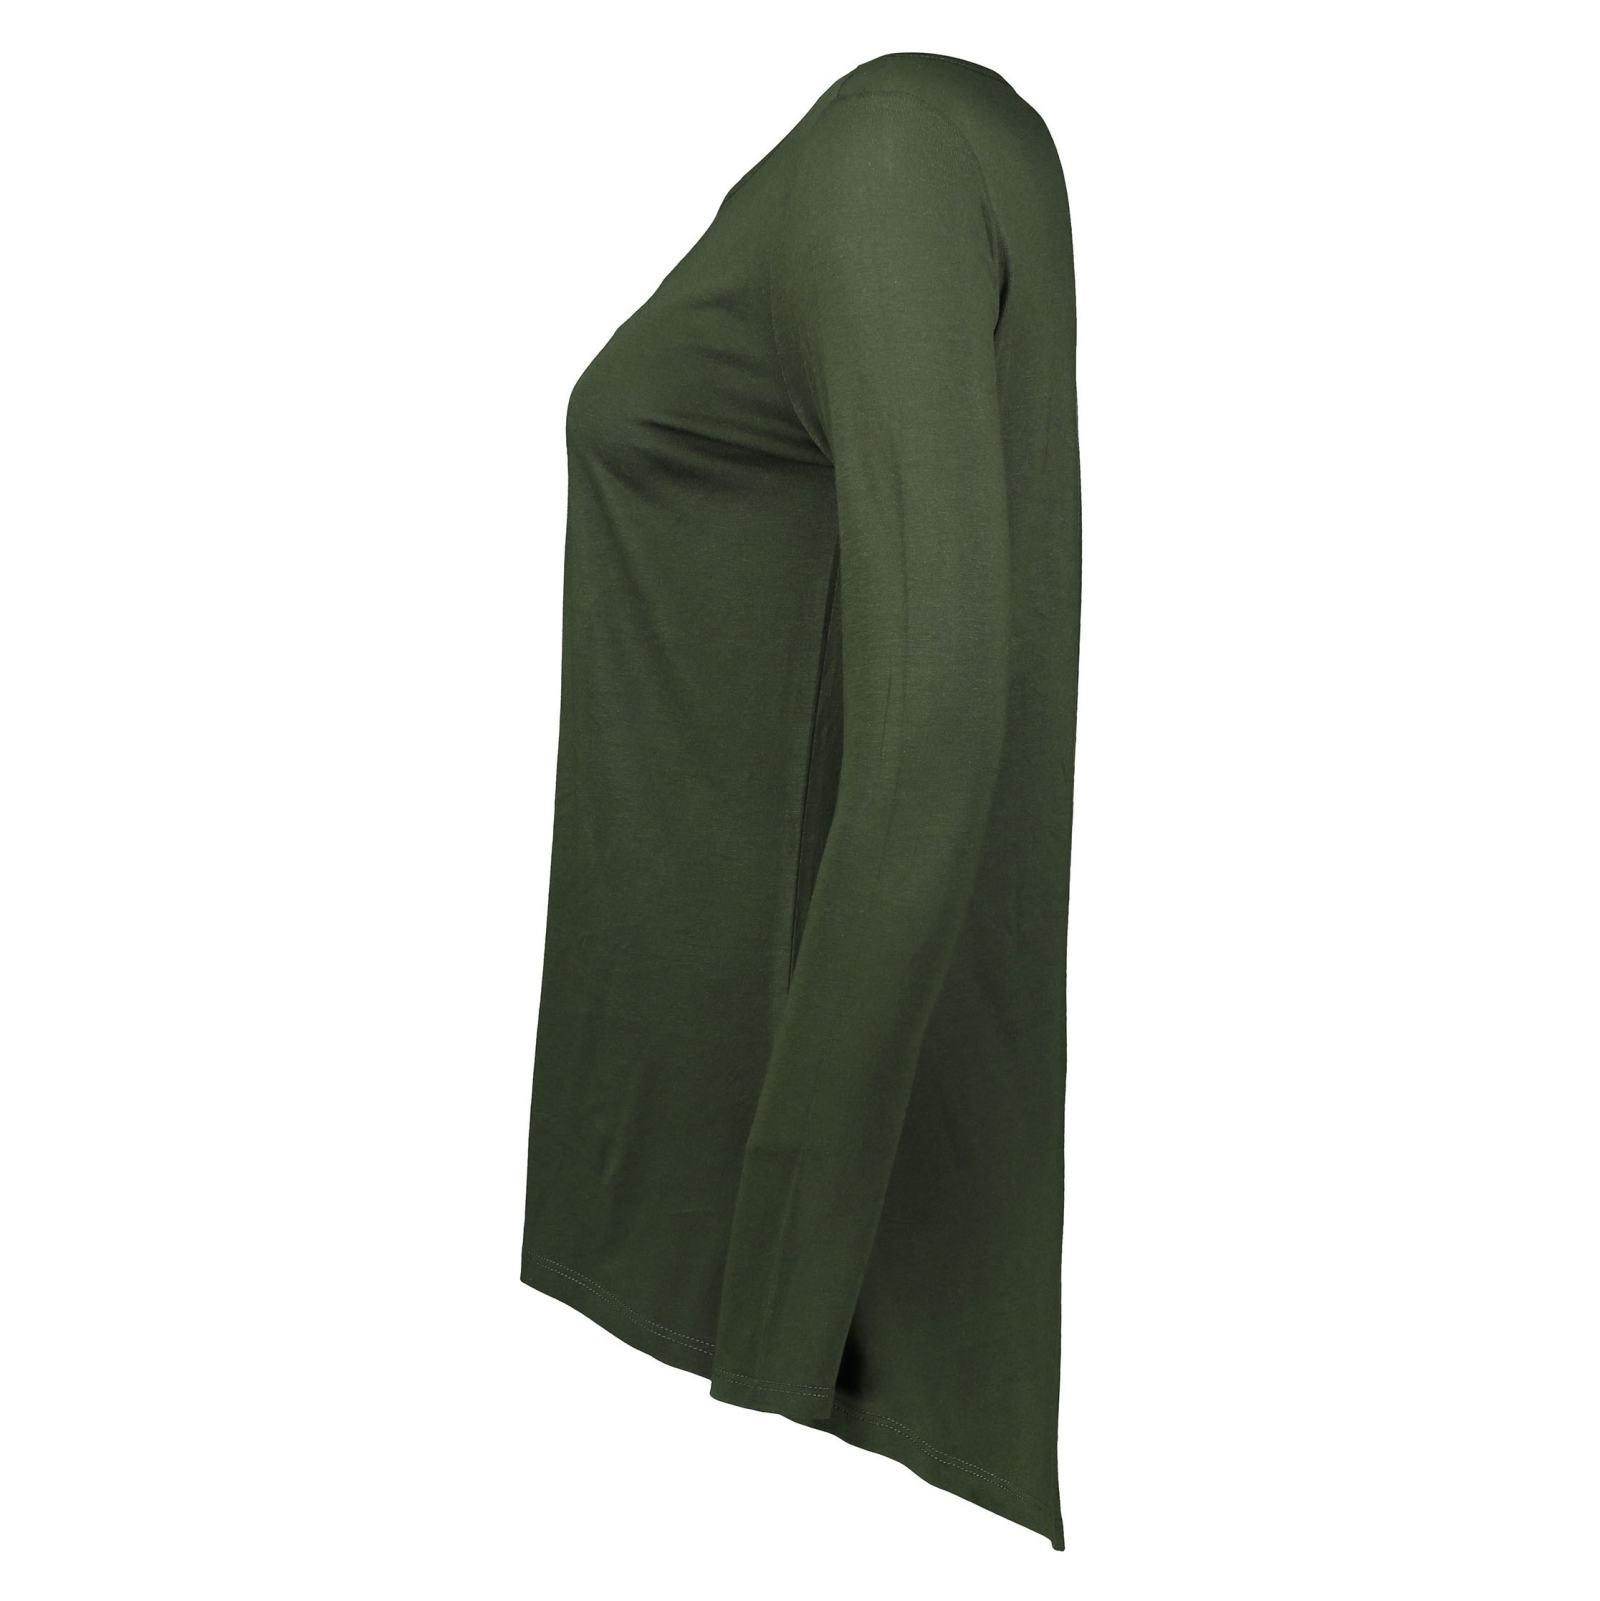 تی شرت نخی آستین بلند زنانه - رد هرینگ - سبز - 3